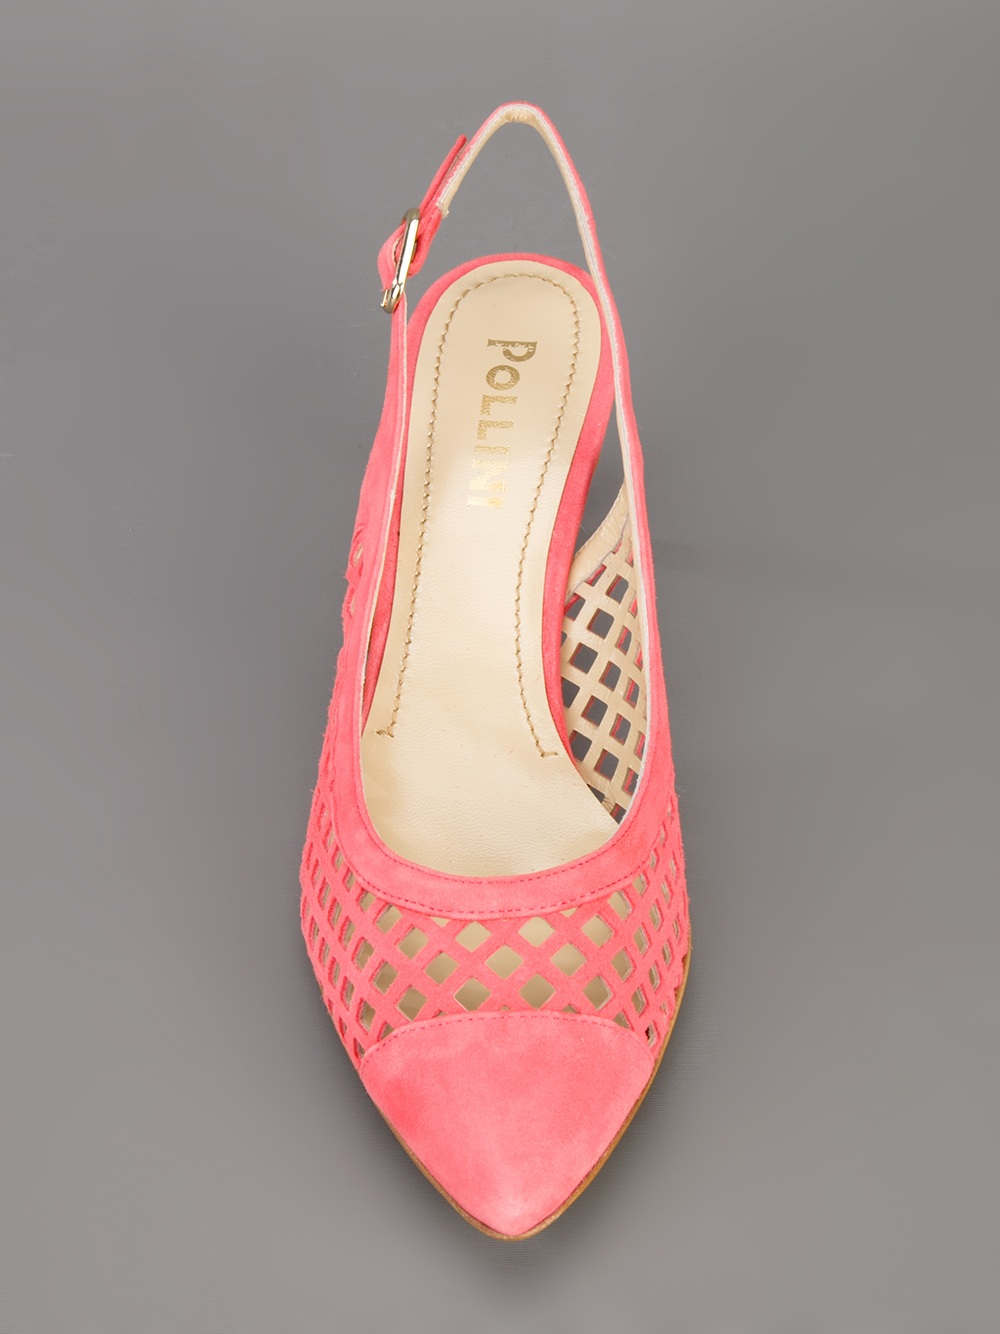 Pink Kitten Heel Sandals